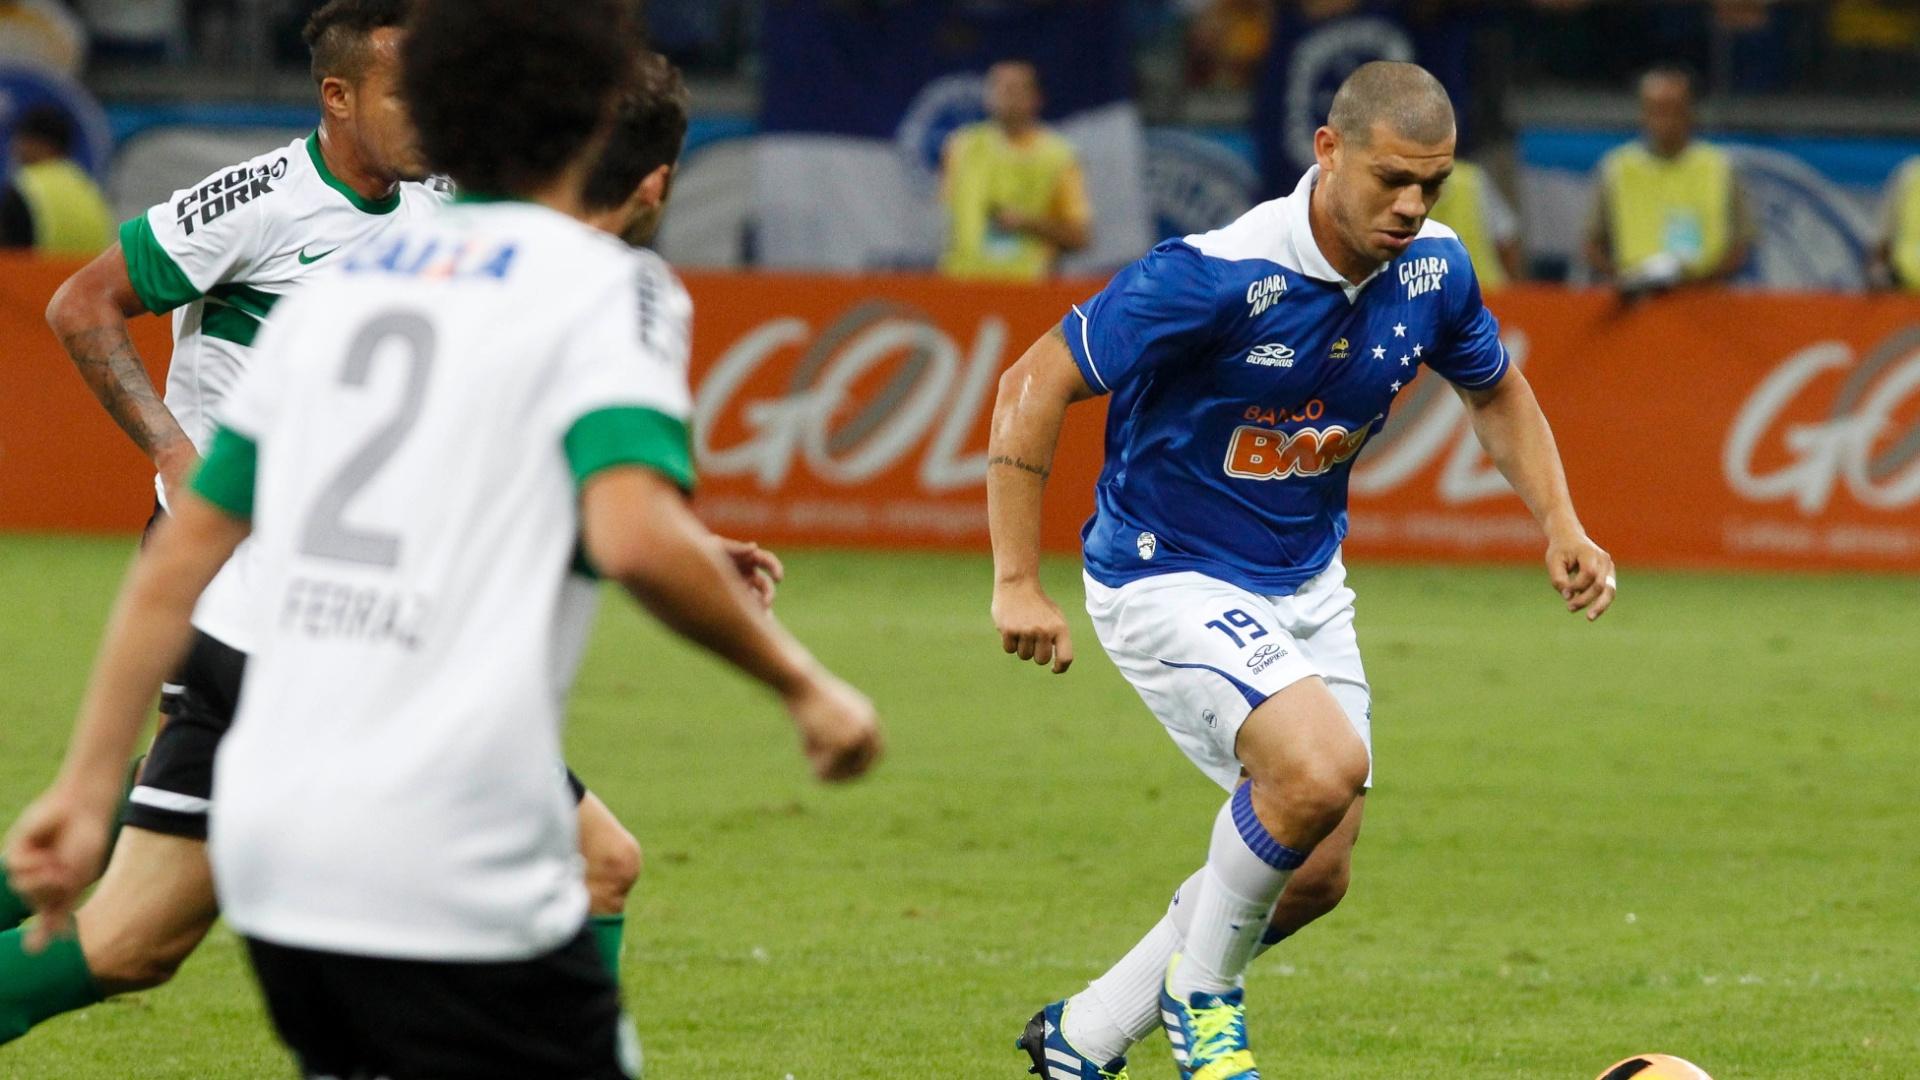 03.ago.2013 - Nilton, do Cruzeiro, carrega a bola em partida diante do Coritiba